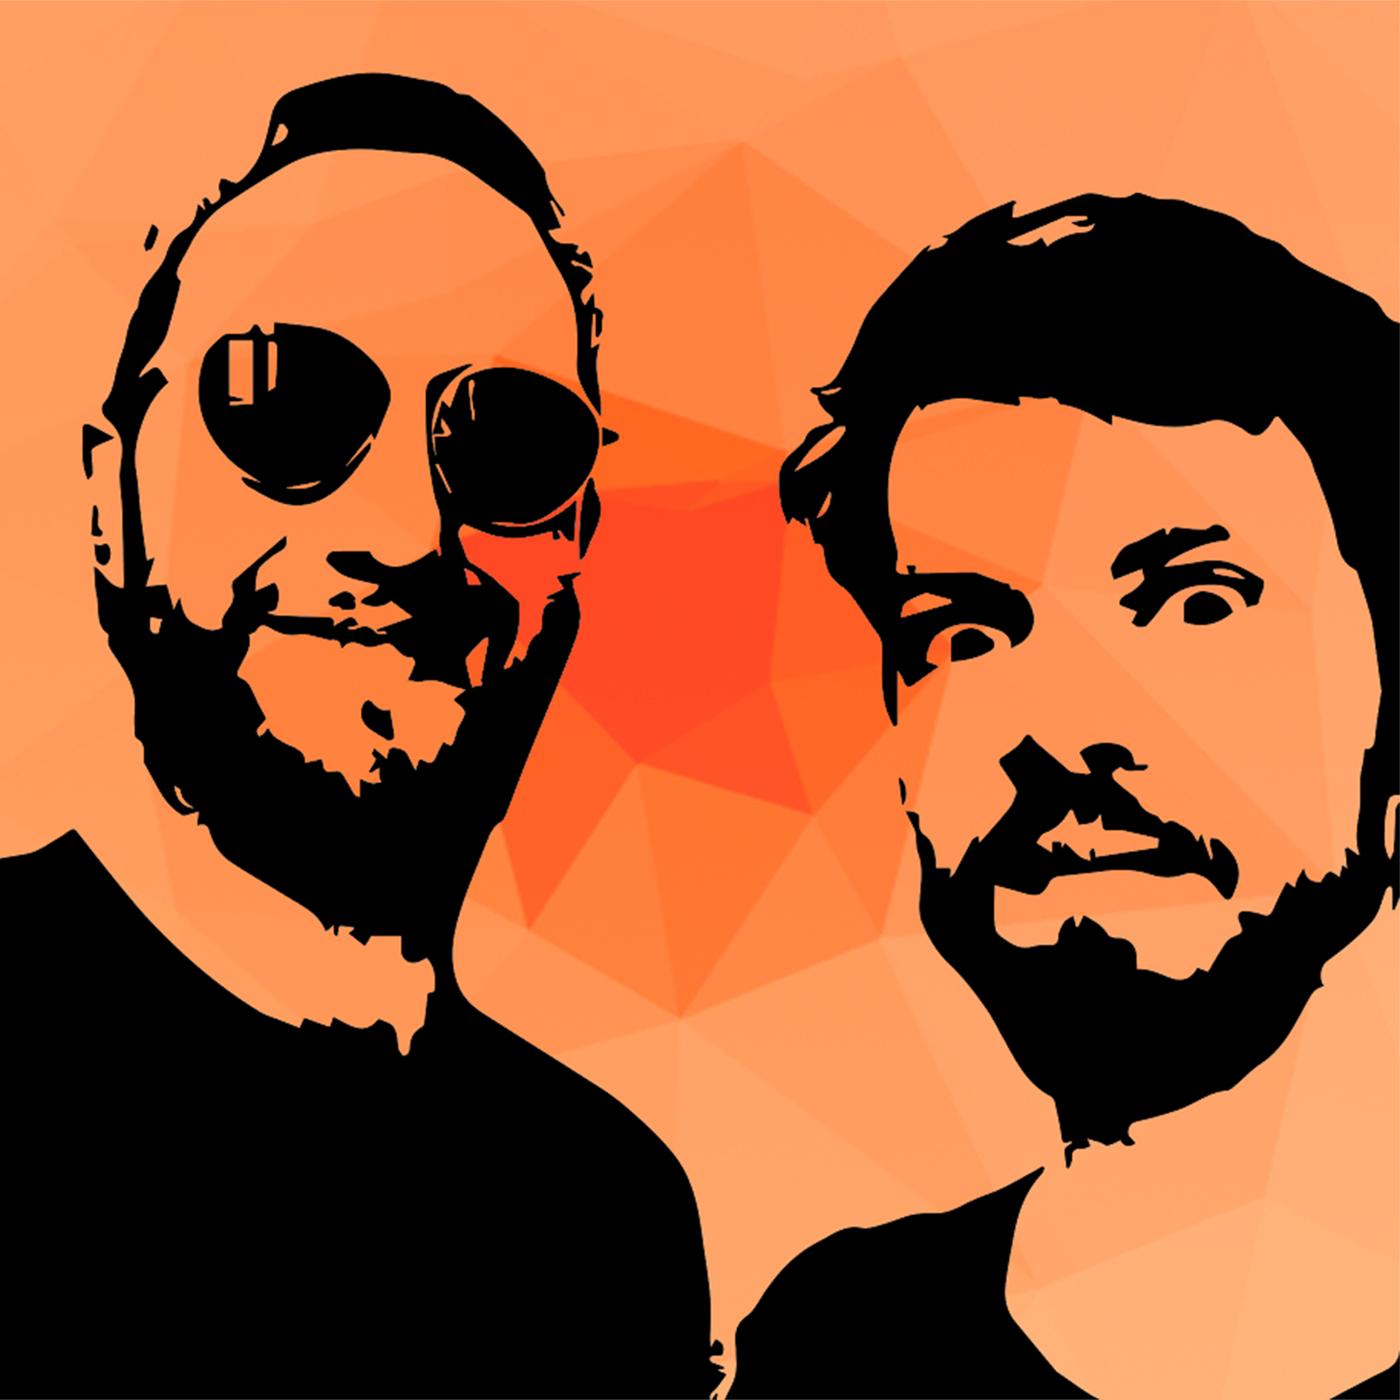 JKLM Podcast